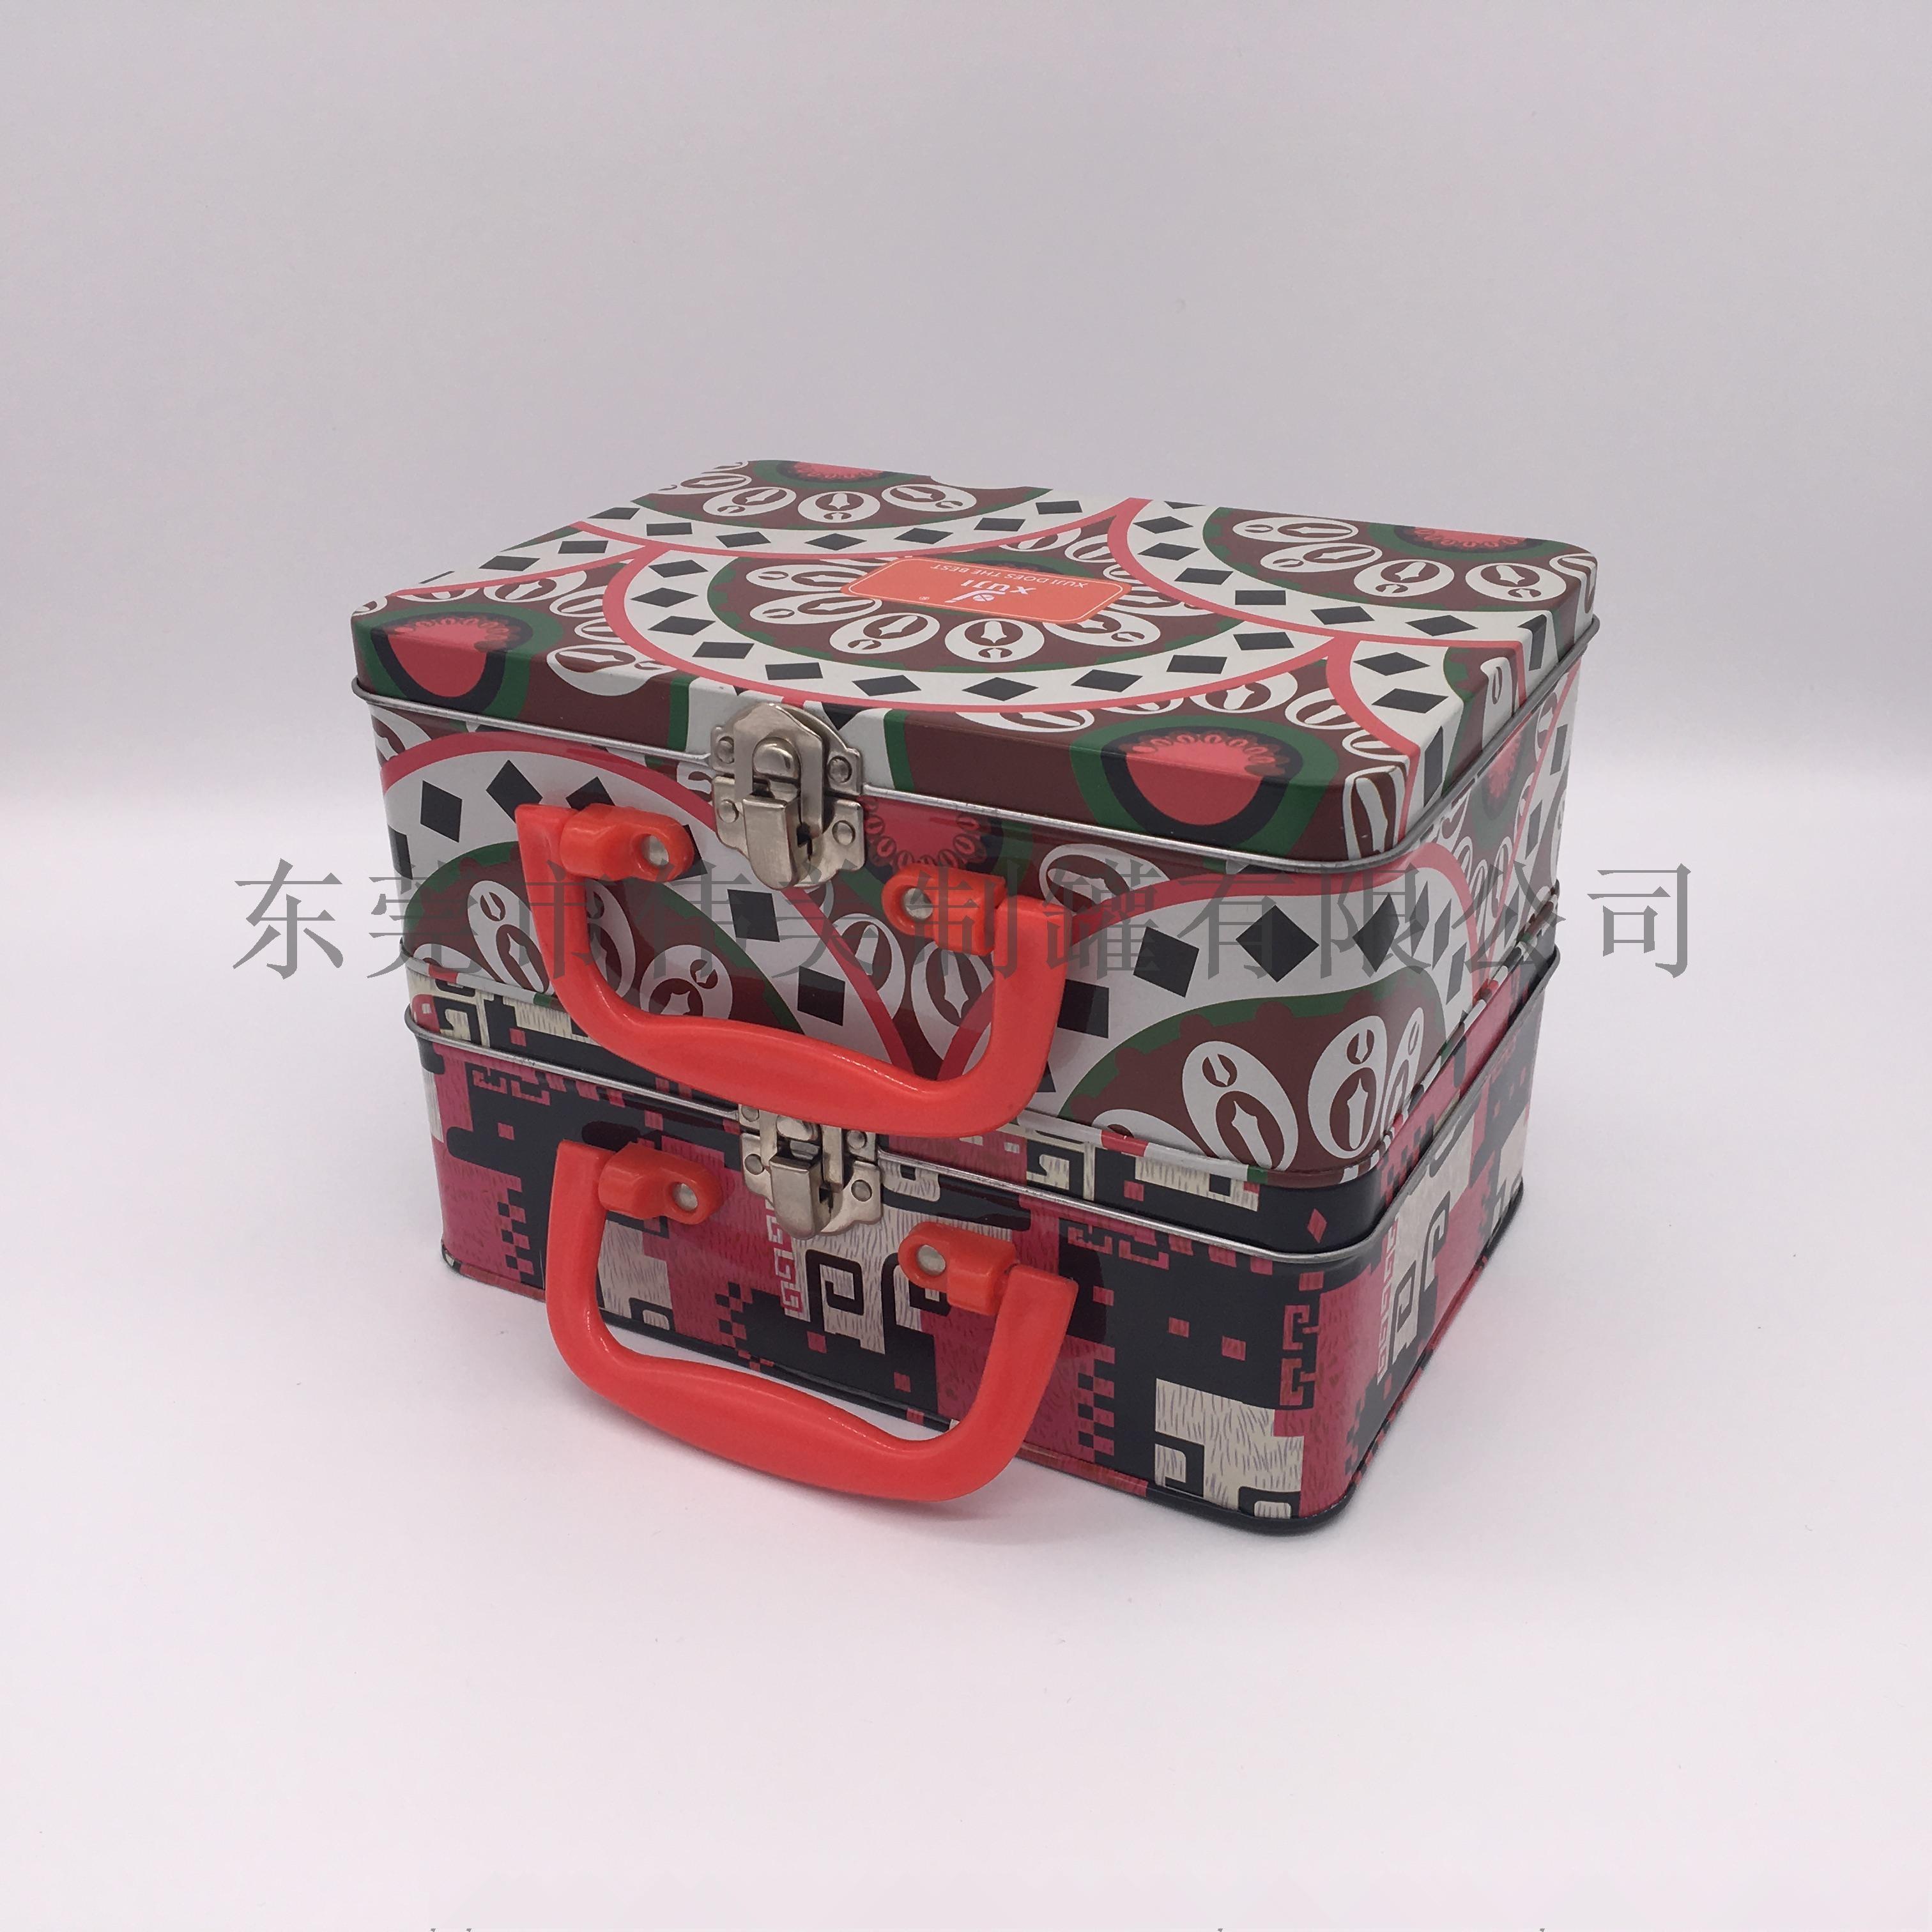 马口铁手挽罐午餐盒 马口铁手提盒780094852